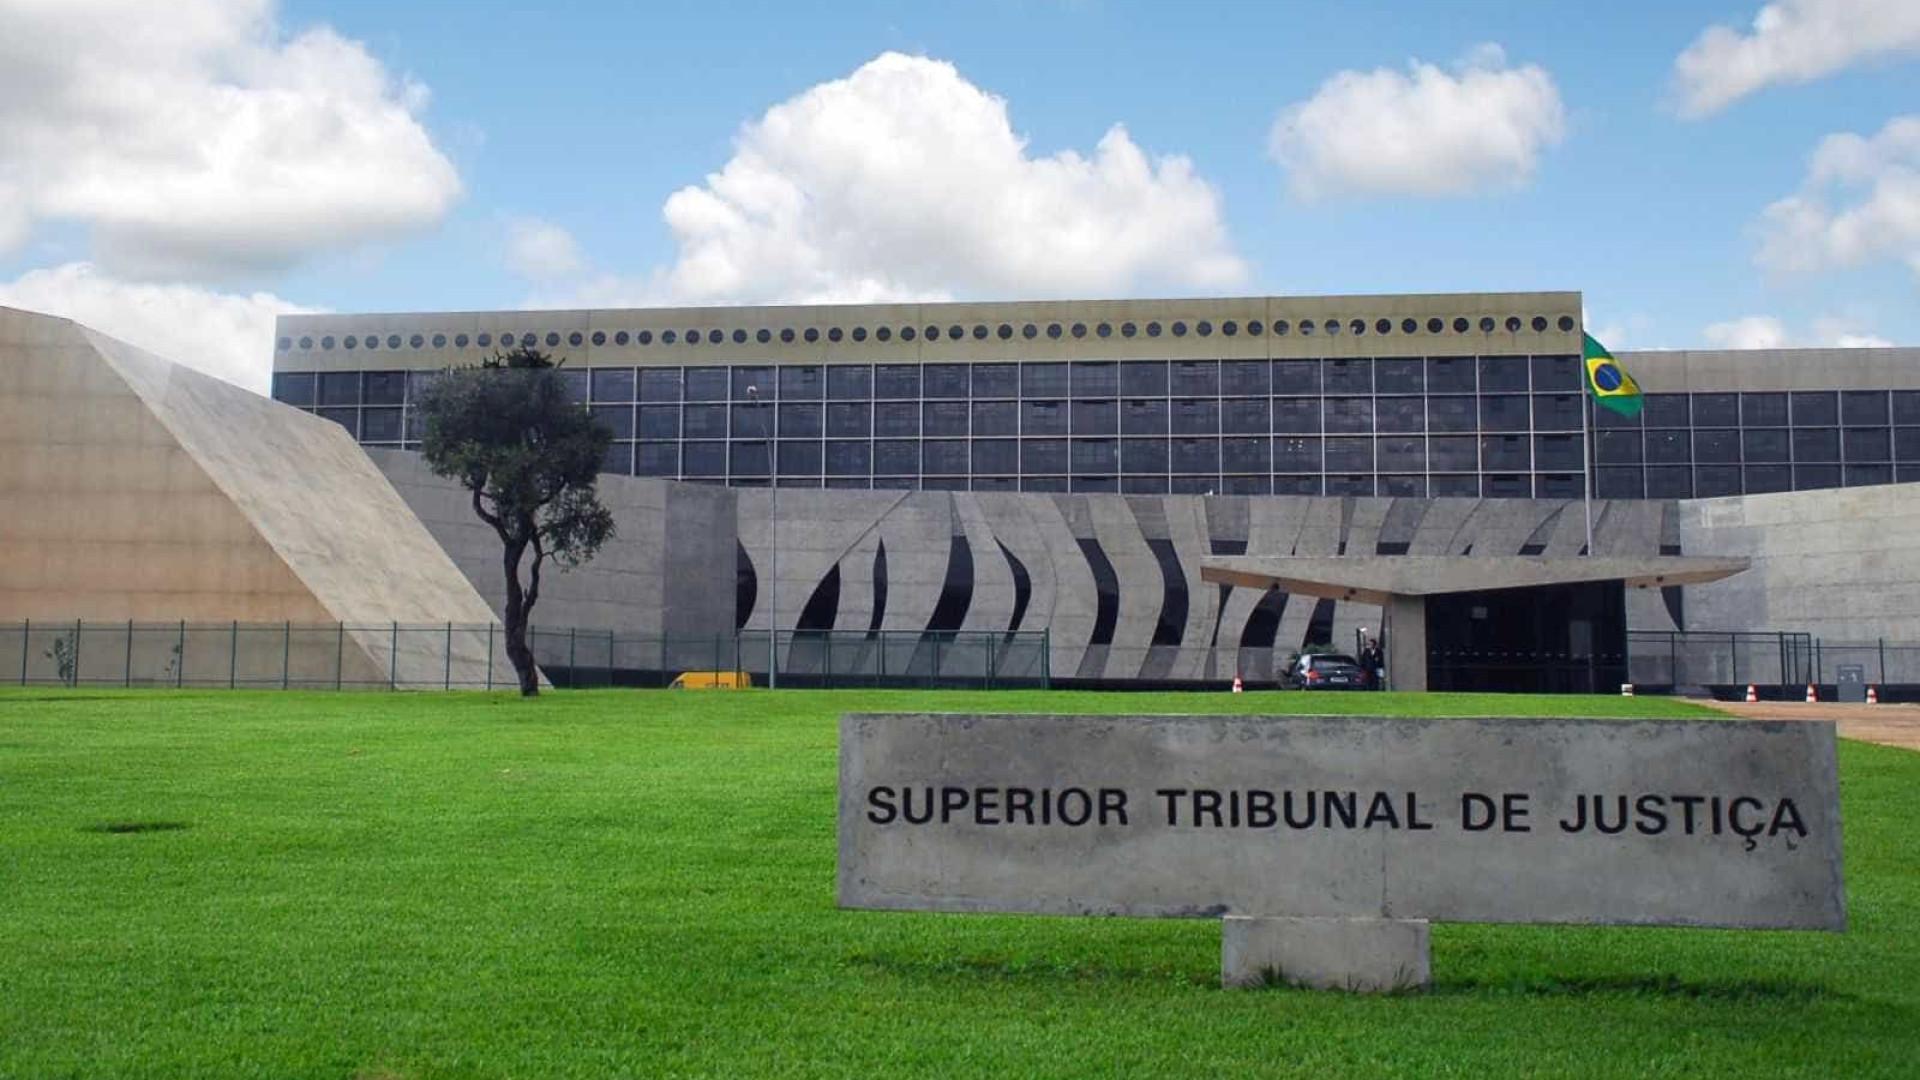 Cúpula do Judiciário recebe auxílio-moradia mesmo com imóvel próprio